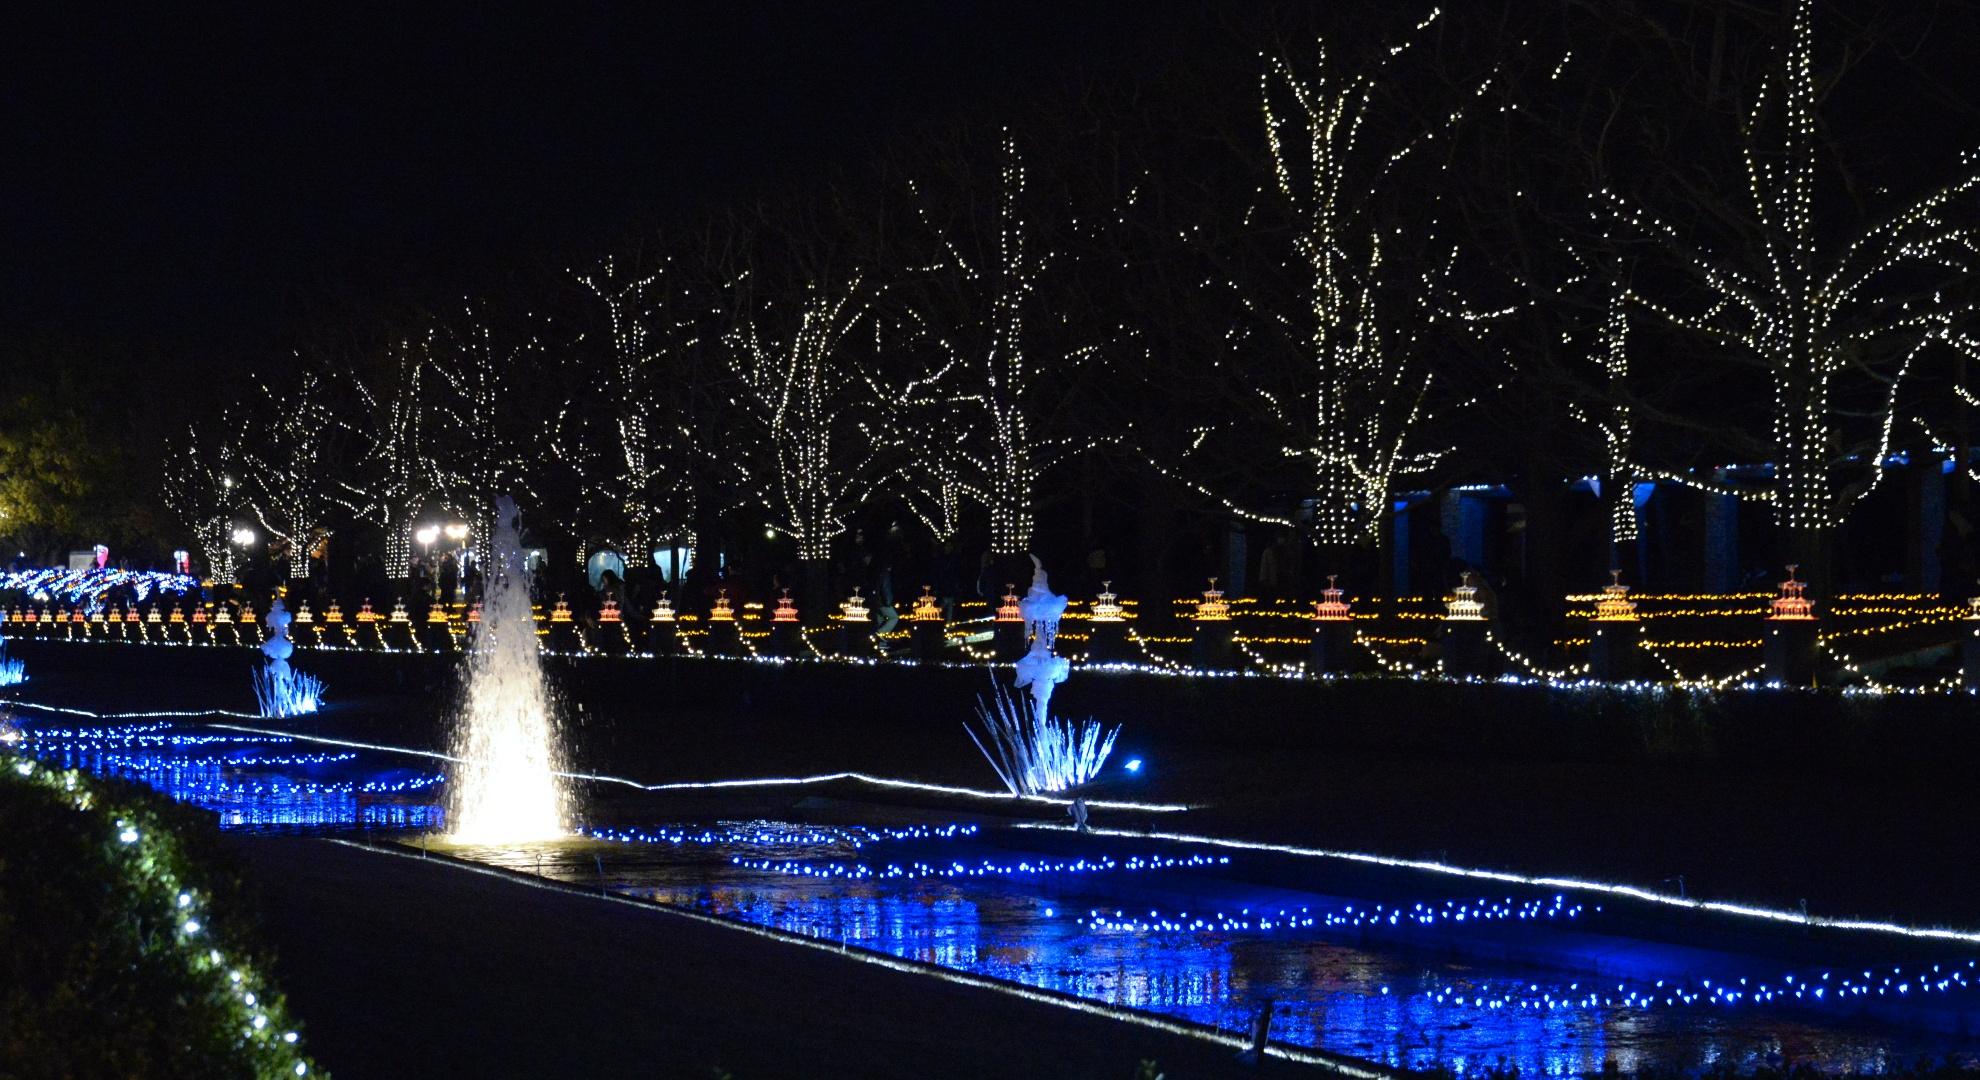 昭和記念公園ライトアップ 壁紙